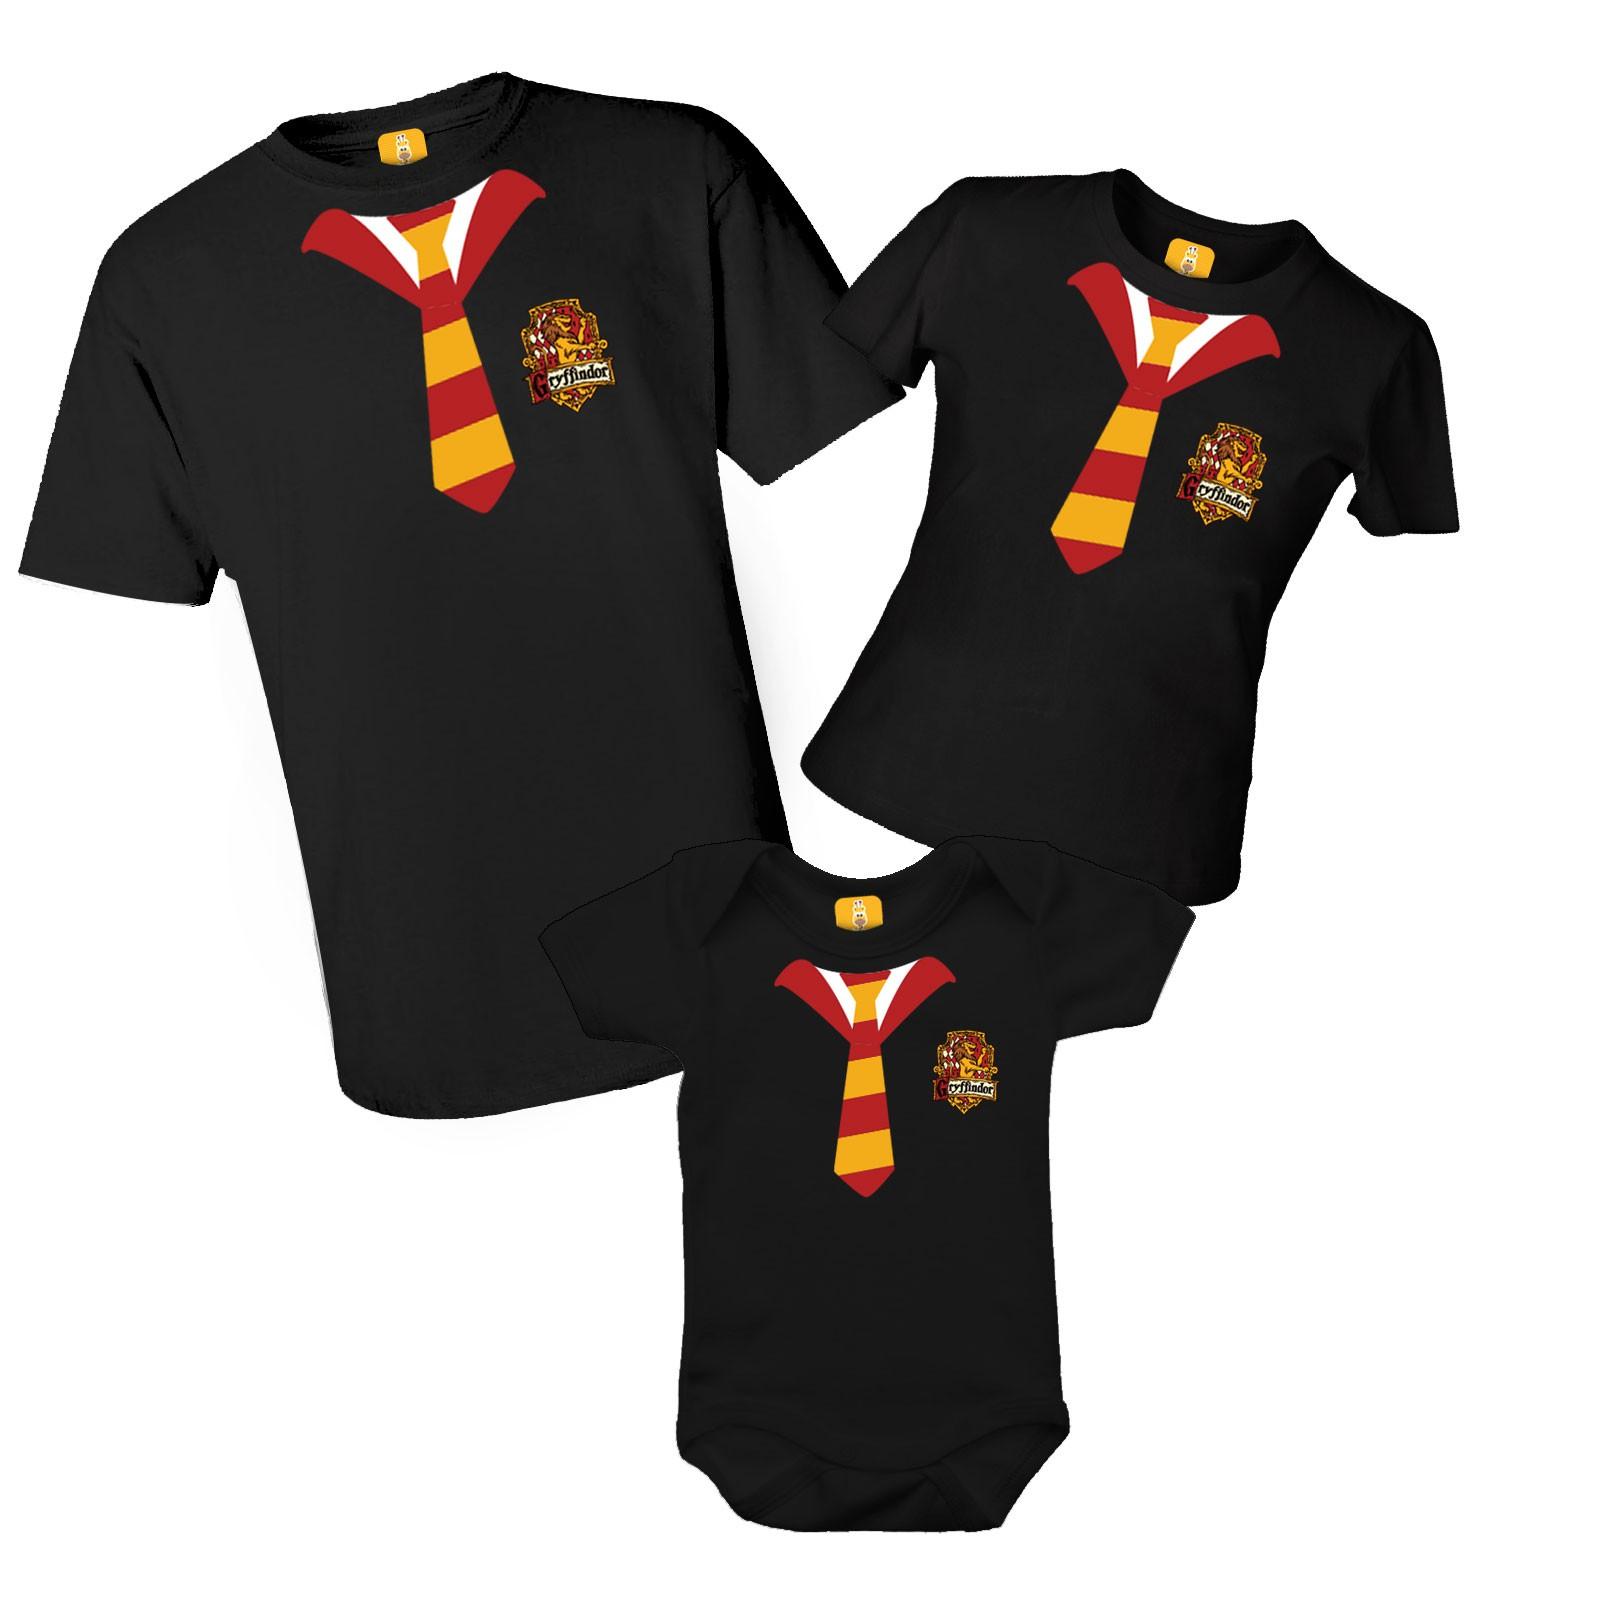 Camiseta Harry Potter com 3 peças